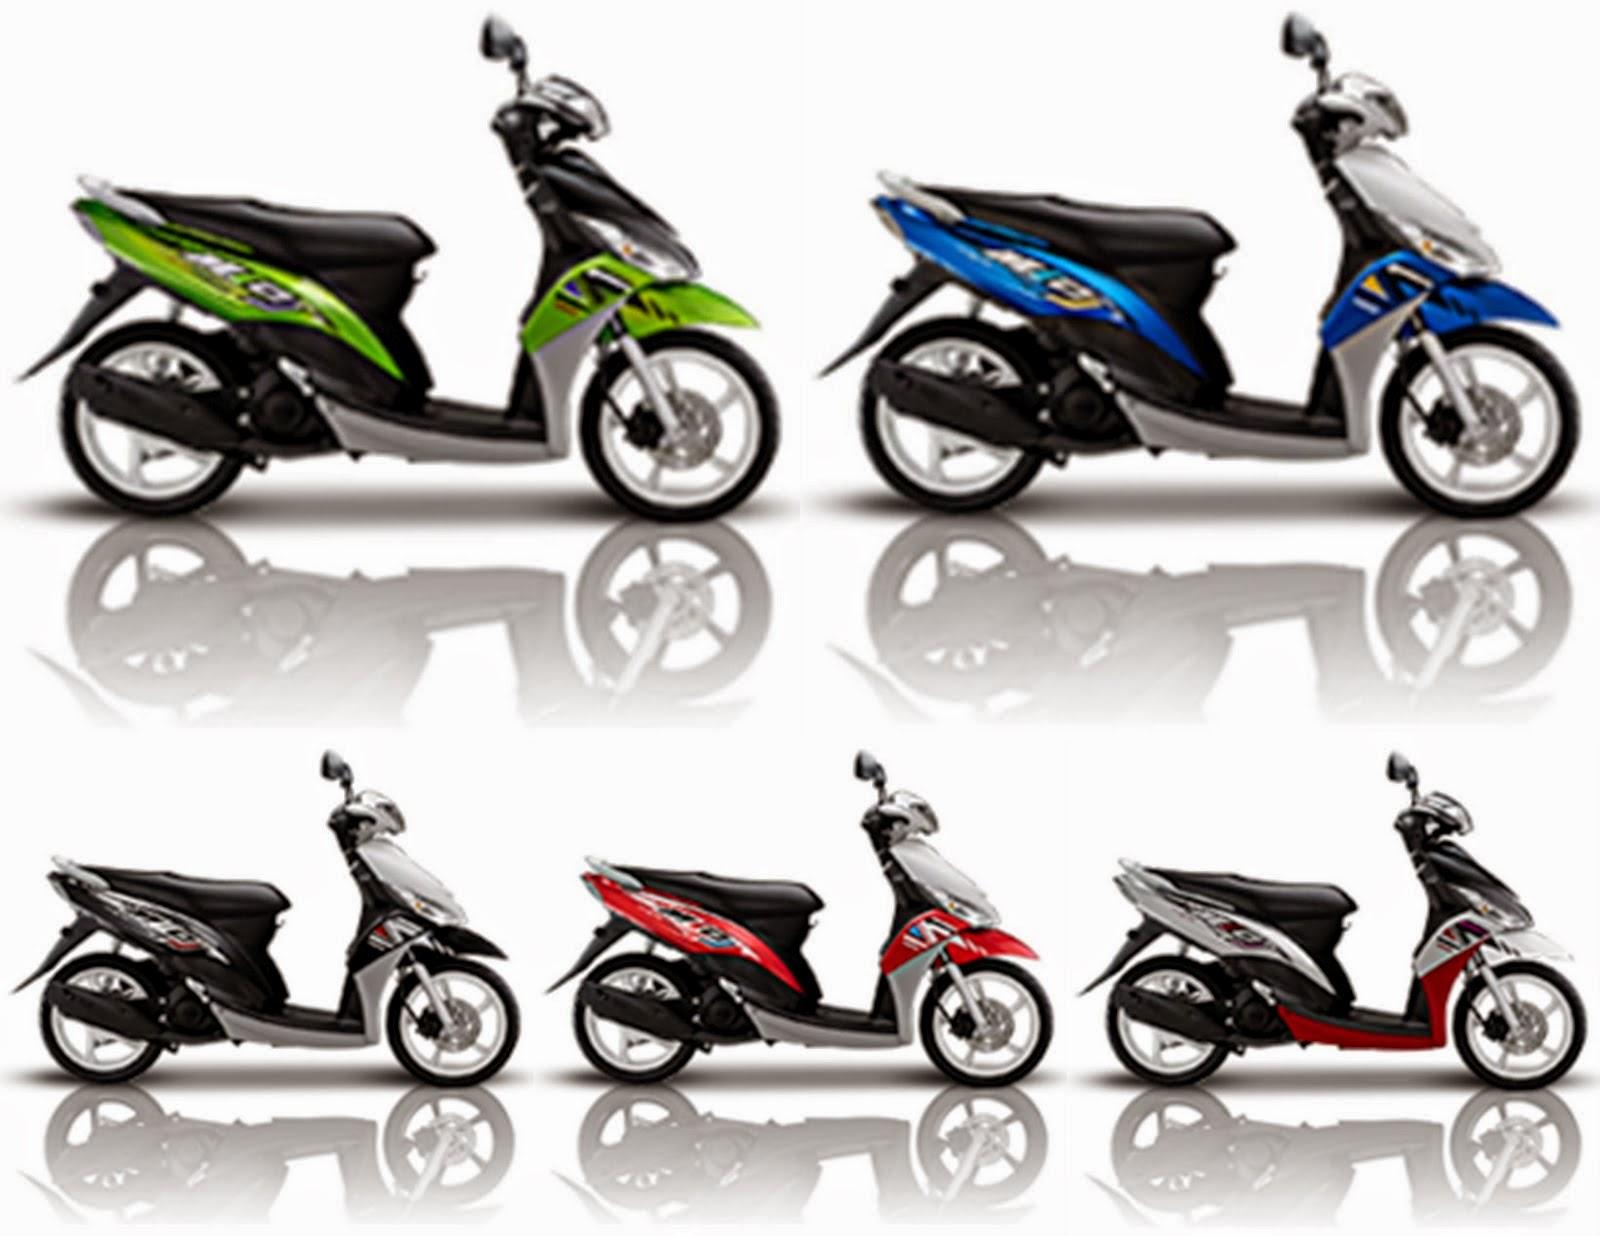 Biaya dan Syarat Sewa Motor Semarang, Rental Motor, Rental Motor Semarang, Sewa Motor, Sewa Motor Semarang, Rental Motor Murah Semarang, Sewa Motor Murah Semarang,